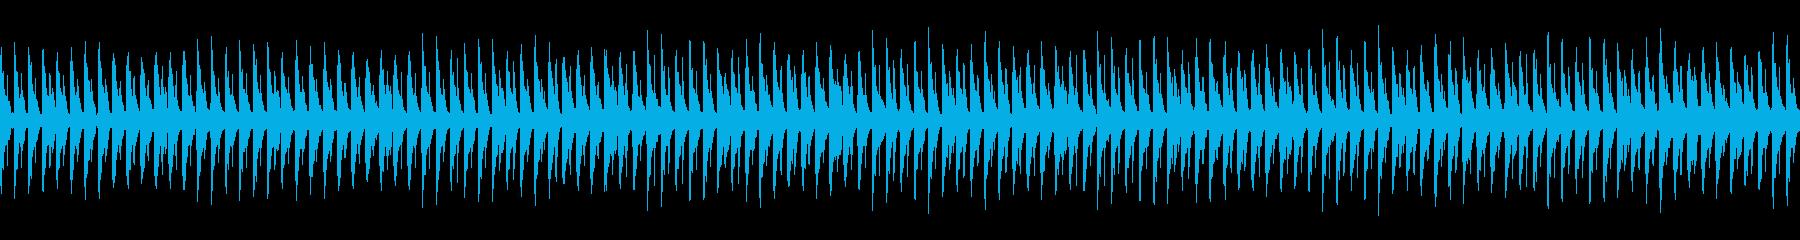 夜、軽快、疾走感:シンプルなハウスビートの再生済みの波形